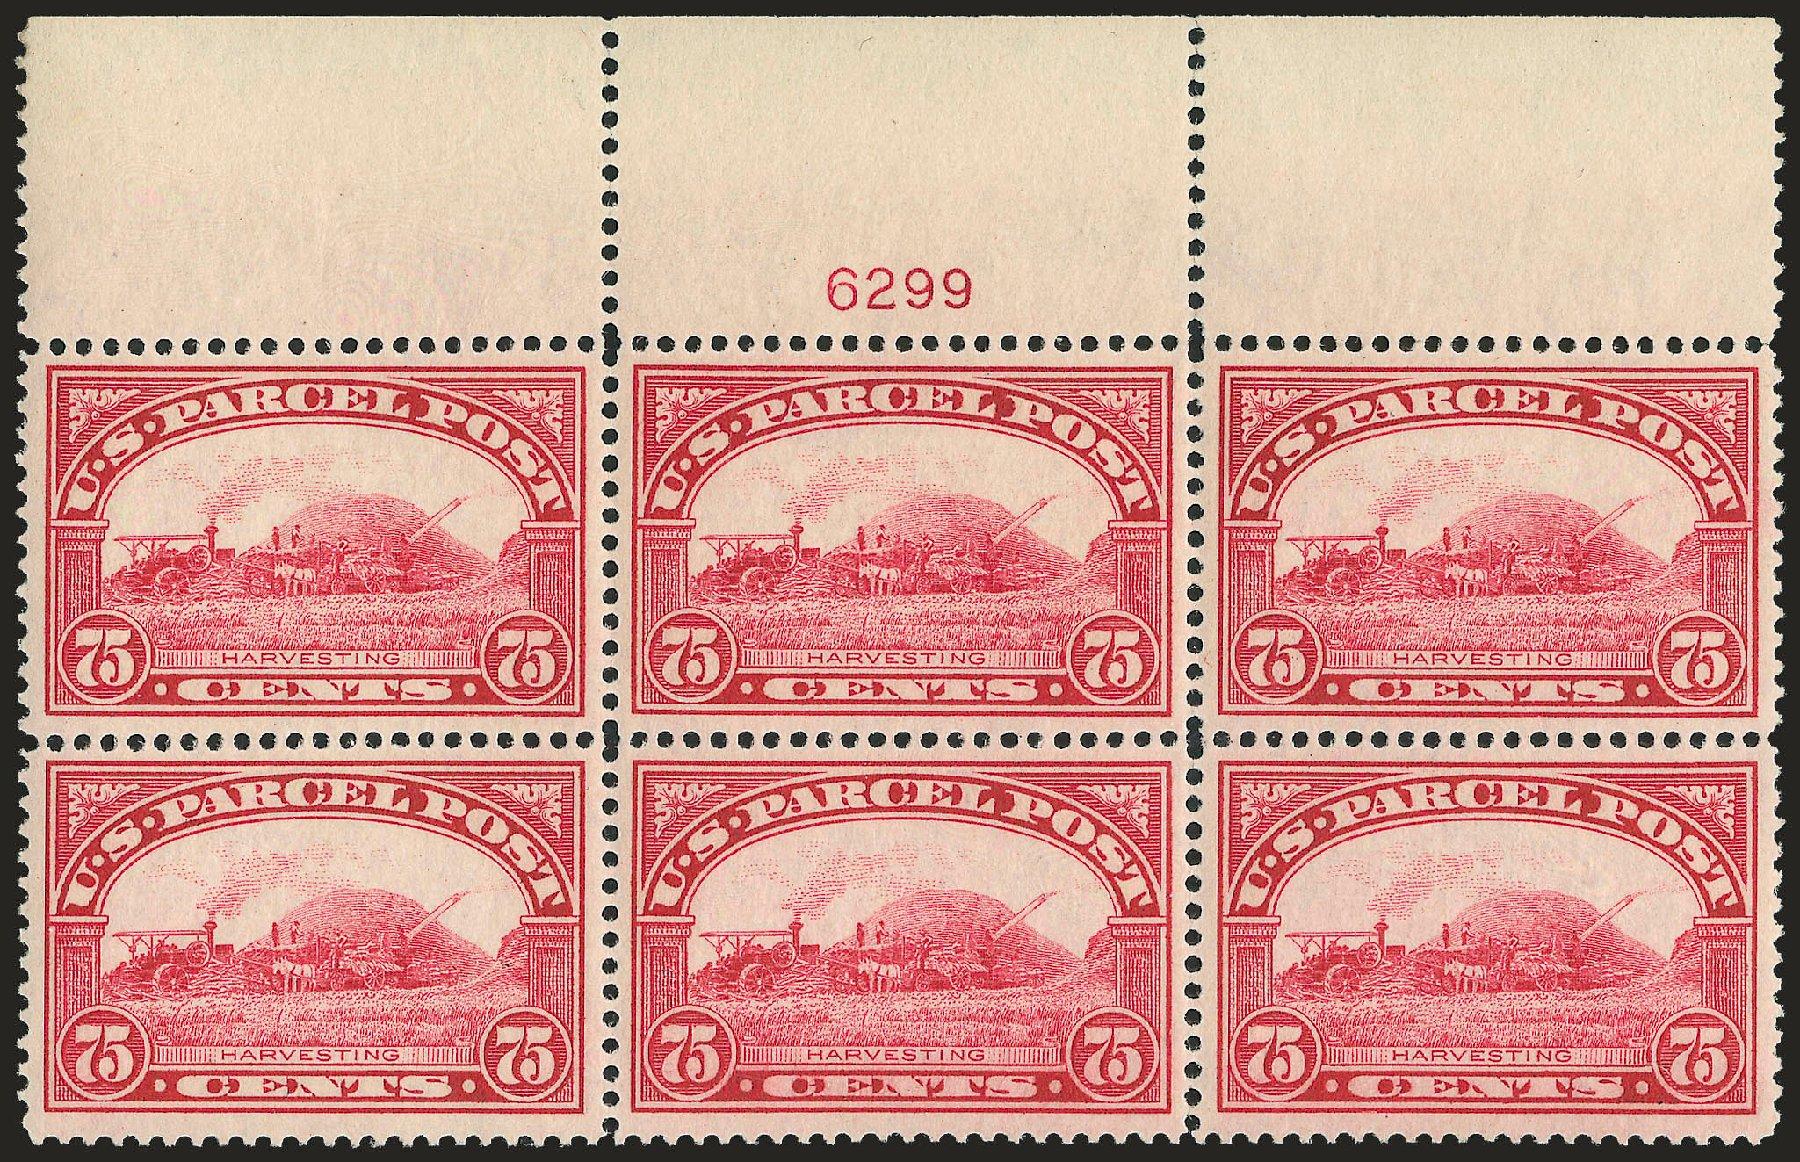 Costs of US Stamps Scott Catalogue Q11: 1913 75c Parcel Post. Robert Siegel Auction Galleries, Dec 2008, Sale 967, Lot 5186